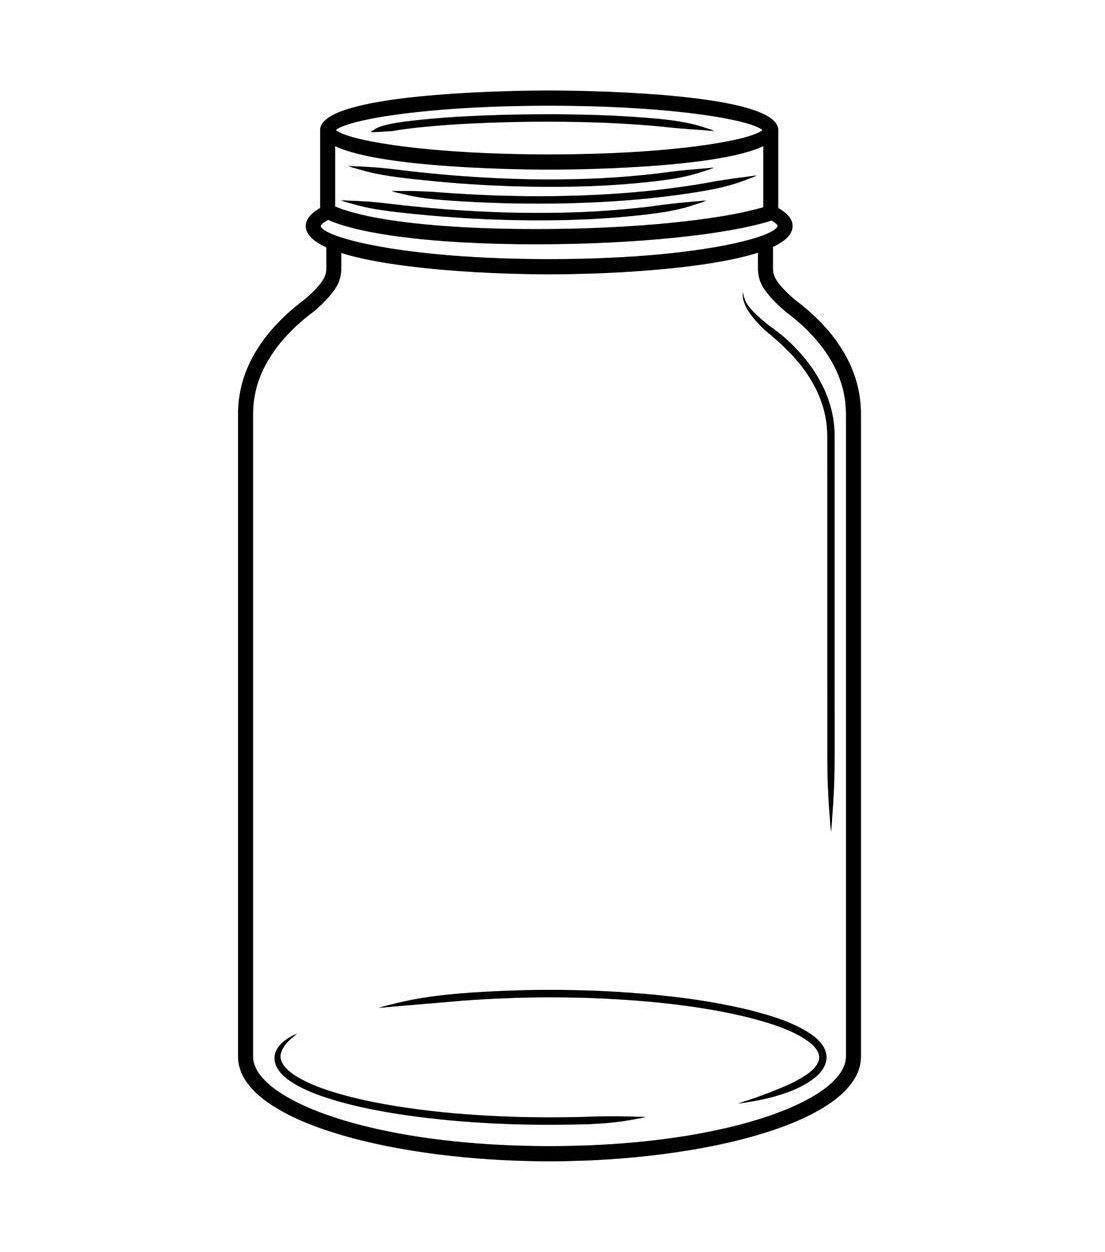 Mason Jar Outline Svg Drawing Printable Vector Jars